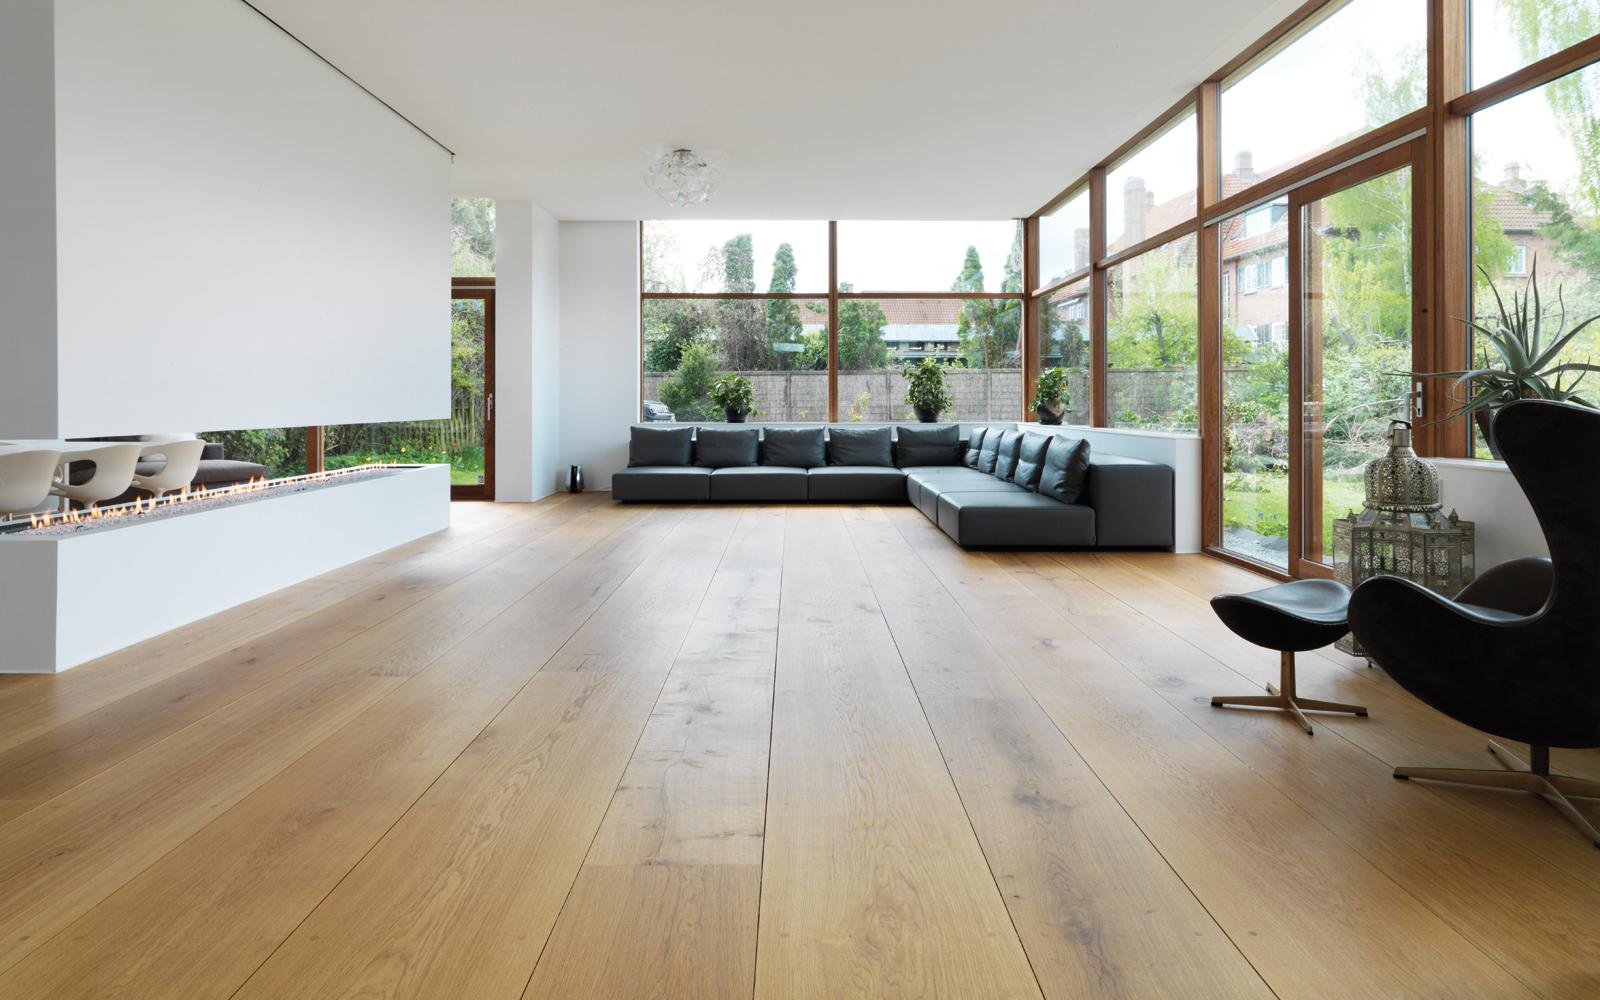 Suelos de madera ¡Perfectos para cualquier espacio! - DIARIODECO